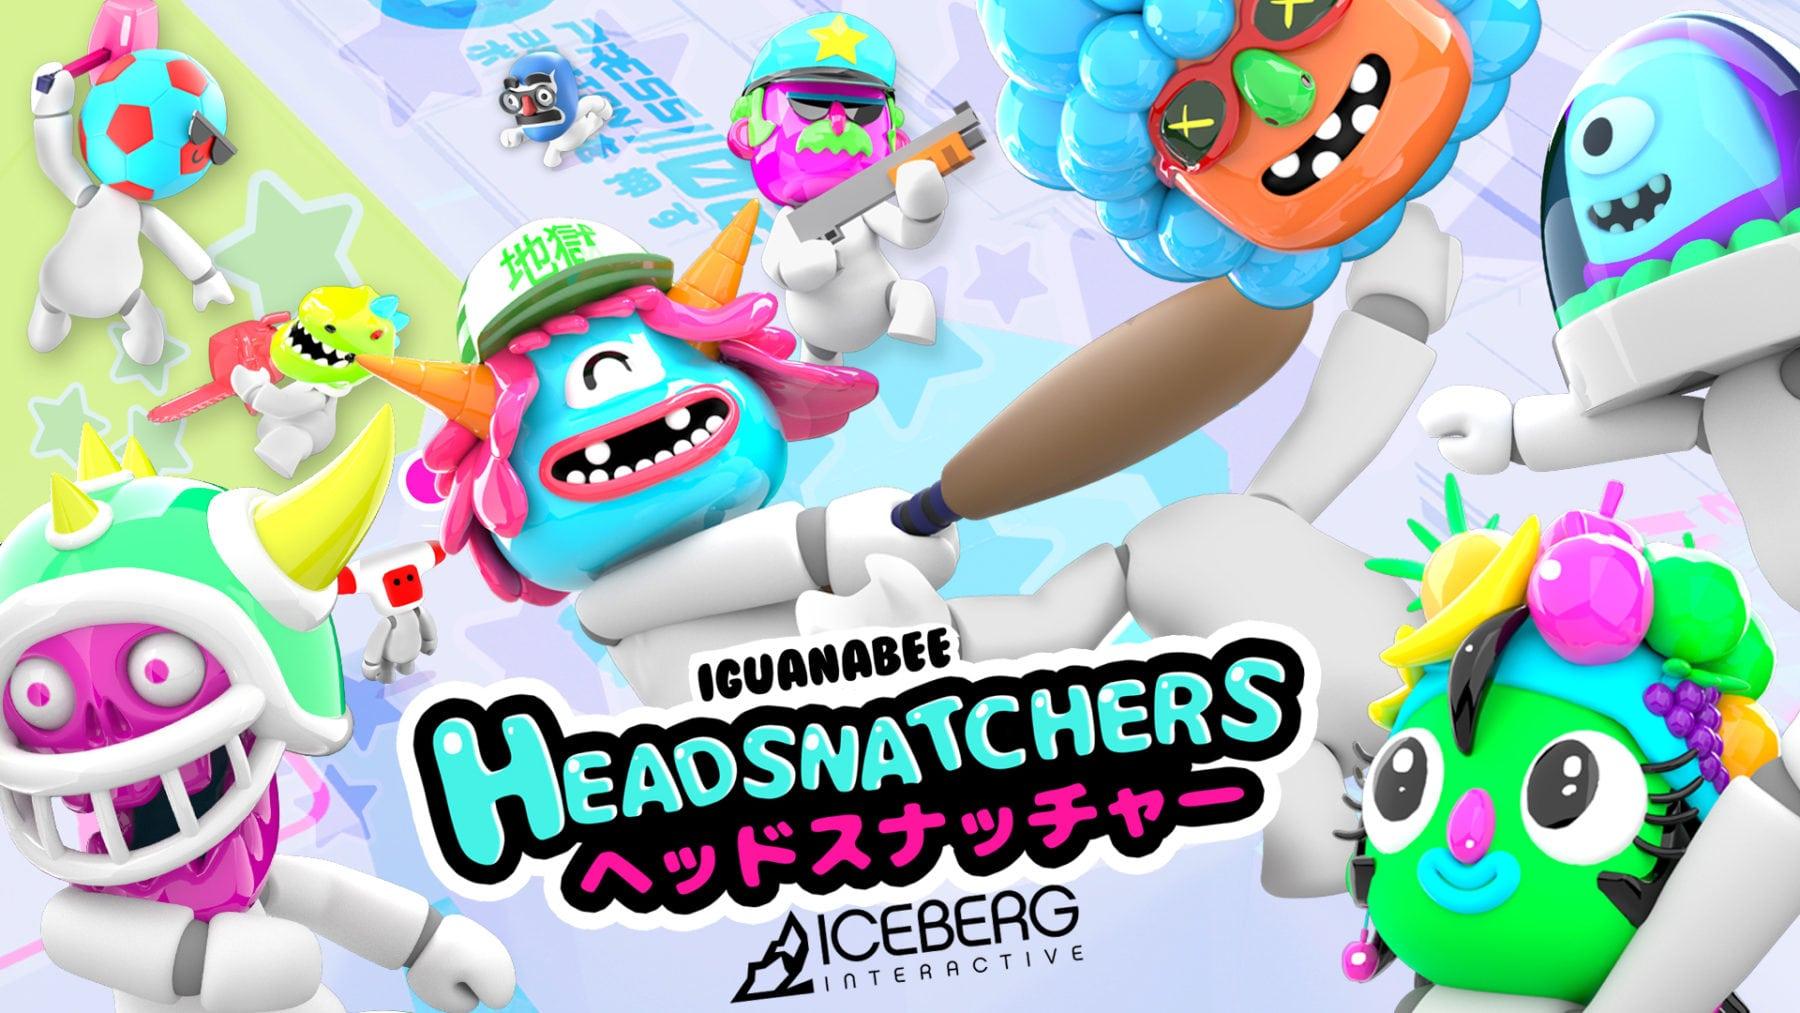 Nuevo avance del juego de Headsnatchers lanzado antes del lanzamiento del martes